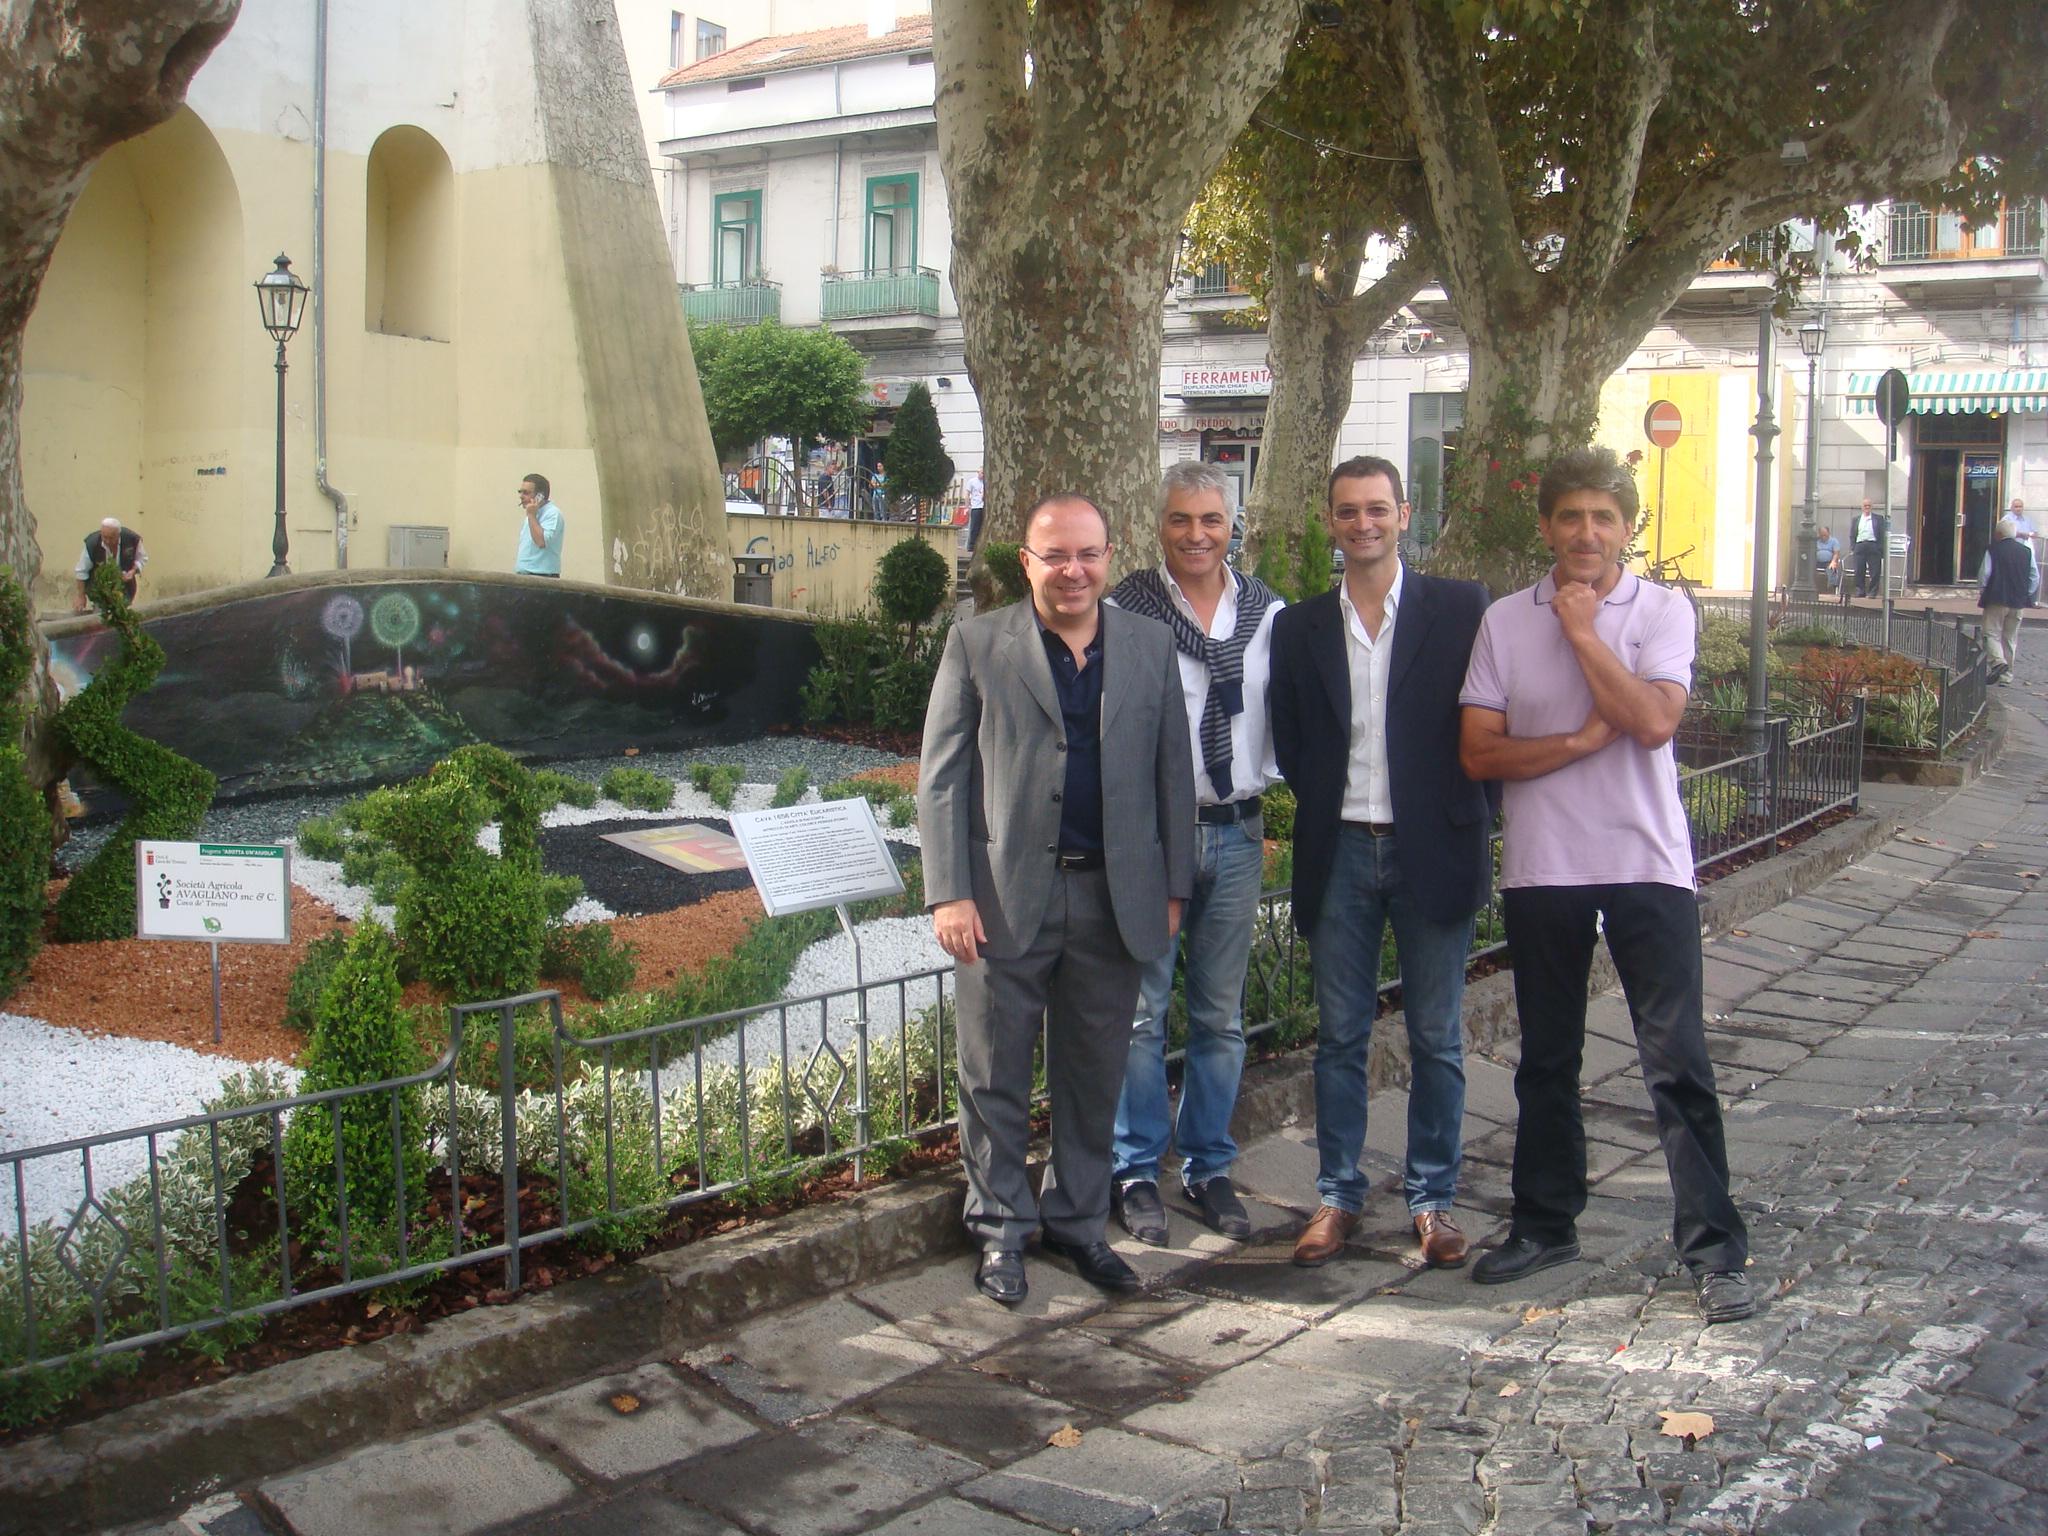 Ufficio Verde Pubblico Salerno : Cava de tirreni: aiuole in largo bonifacio ix dentro salerno l